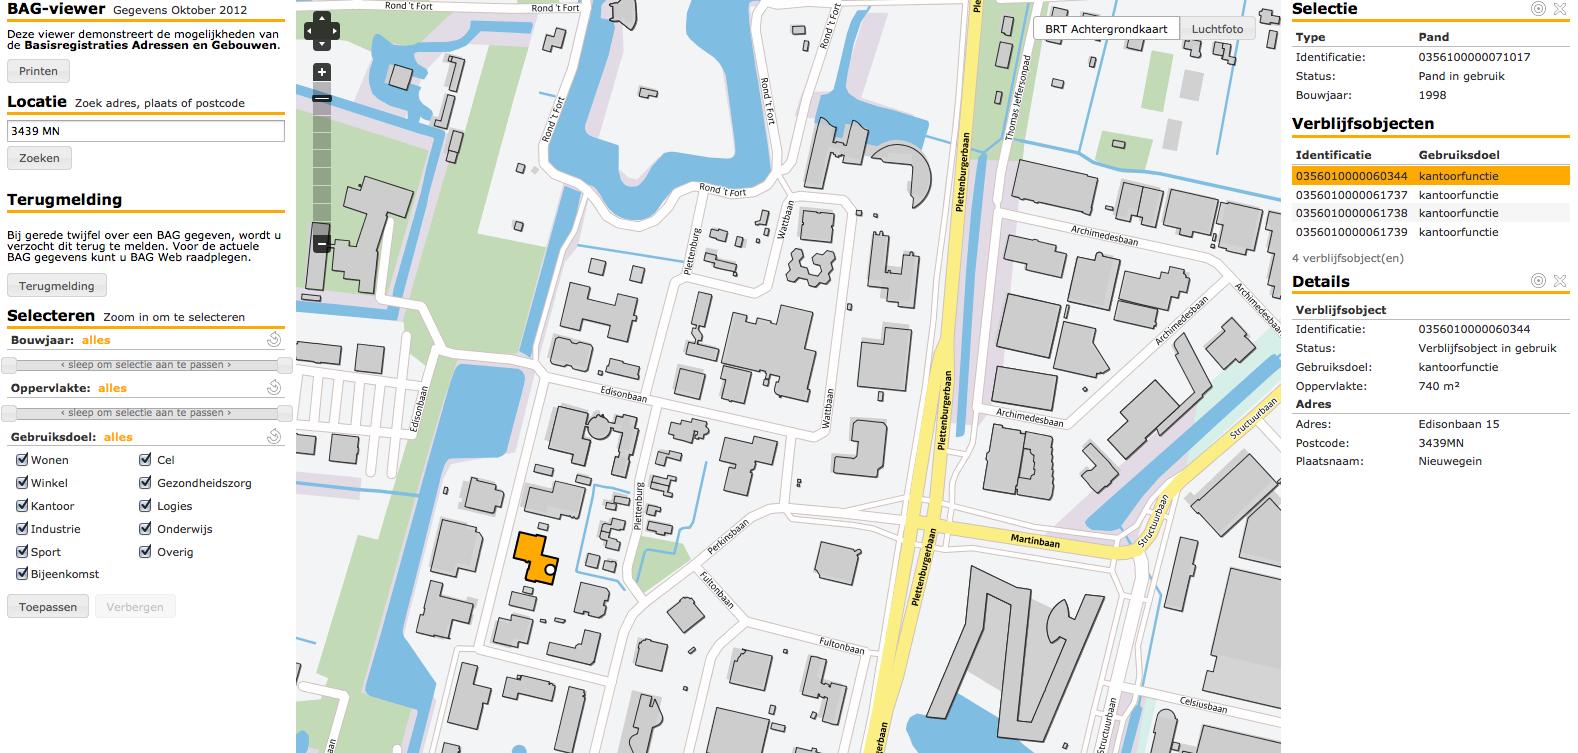 Basisregistraties Adressen en Gebouwen – Het importeren van Kadaster BAG data in een Oracle Database